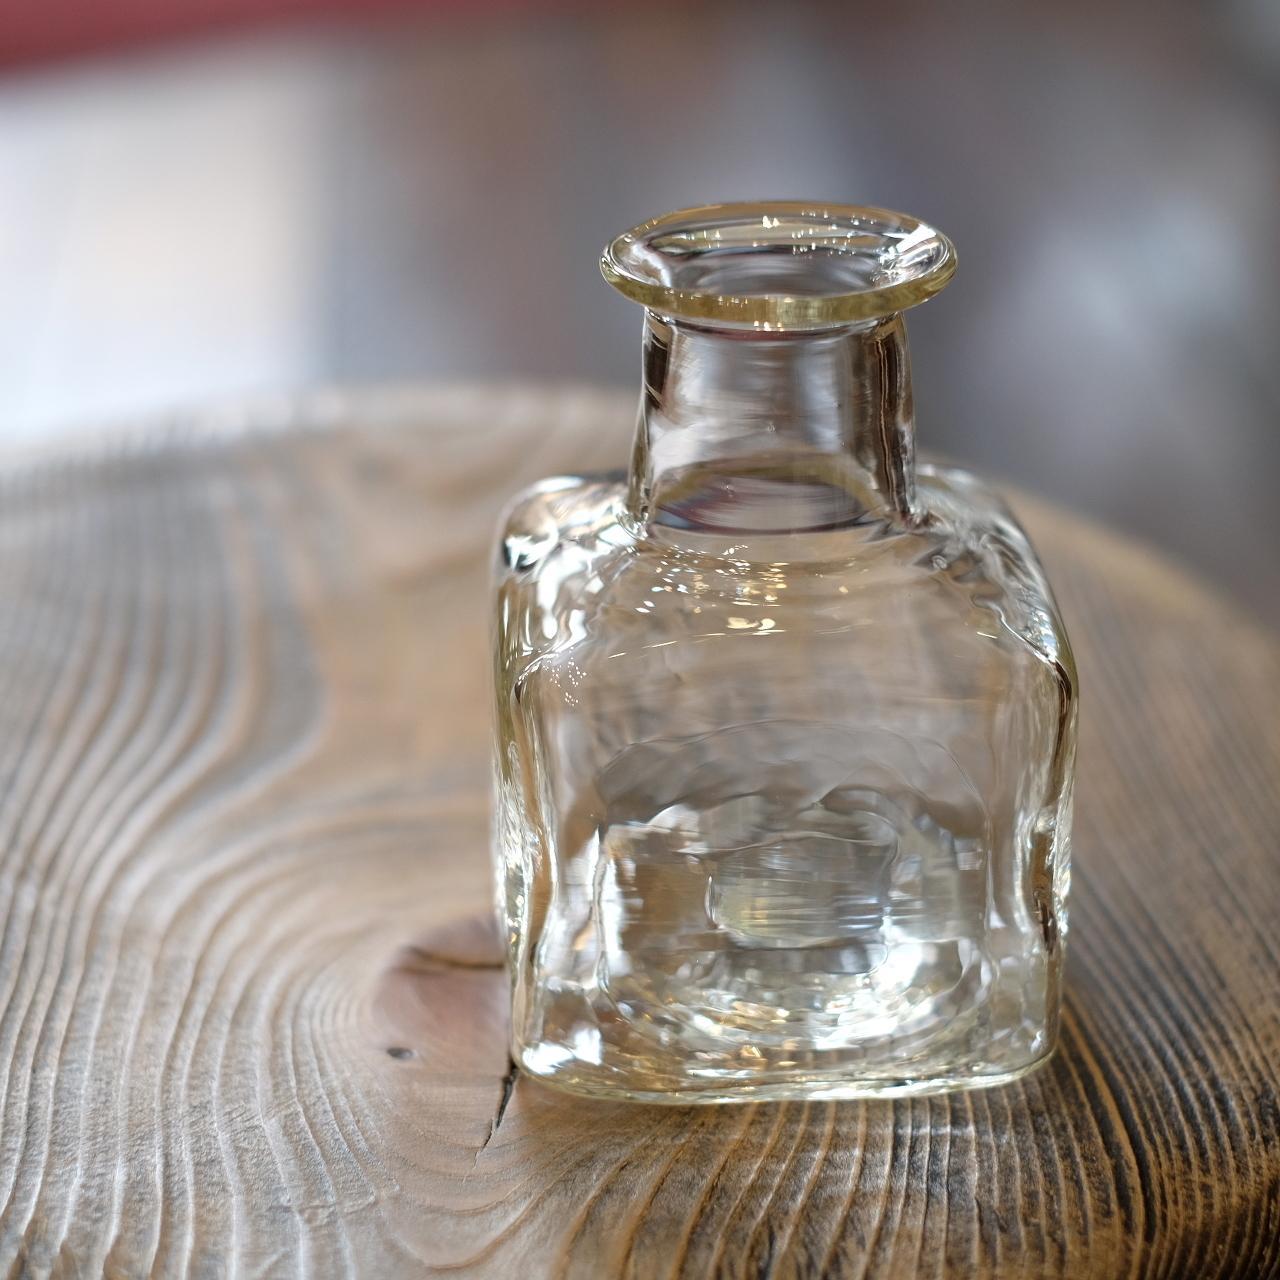 石川硝子工藝舎 角小瓶(クリア) 石川昌浩